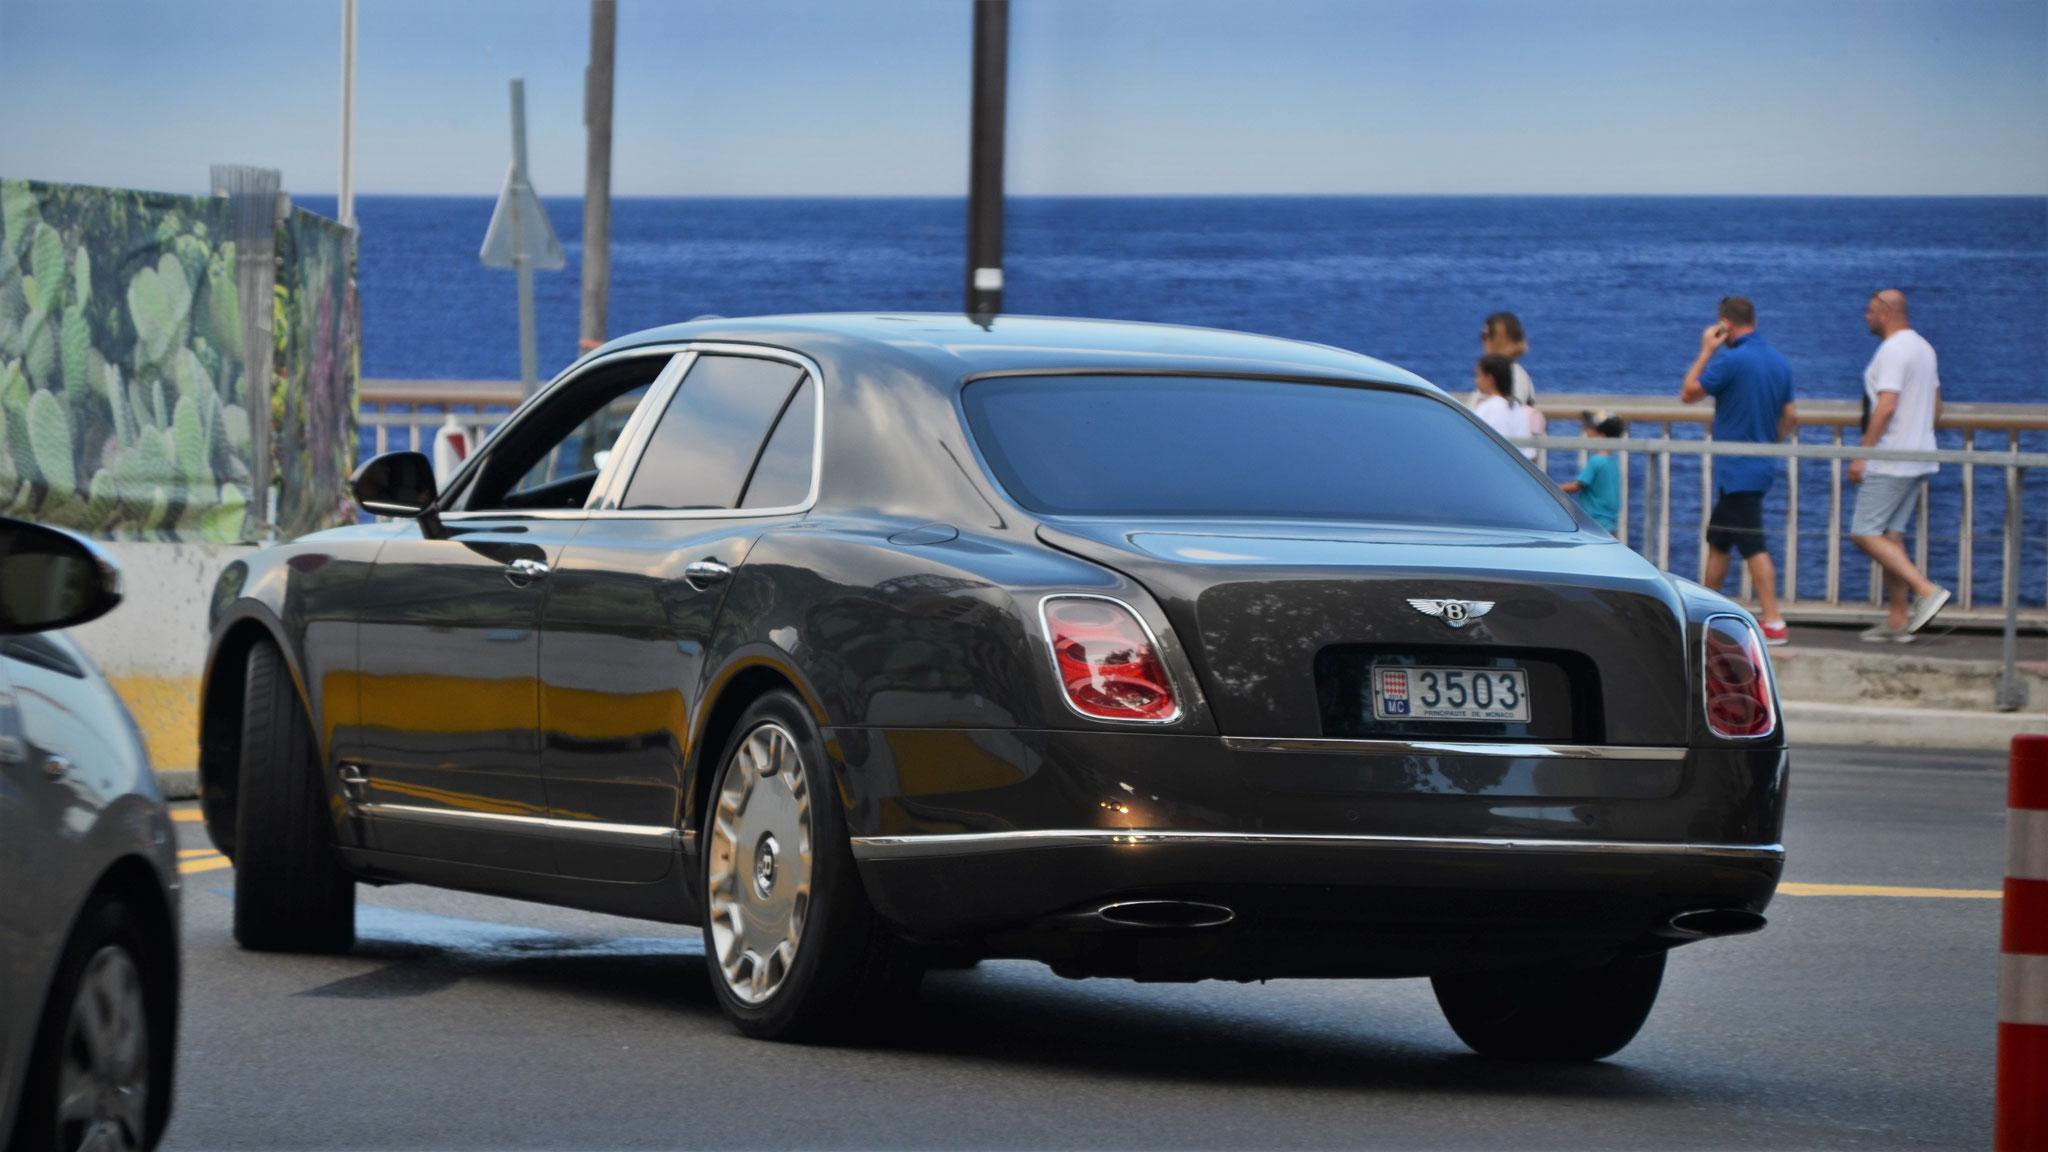 Bentley Mulsanne - 3503 (MC)